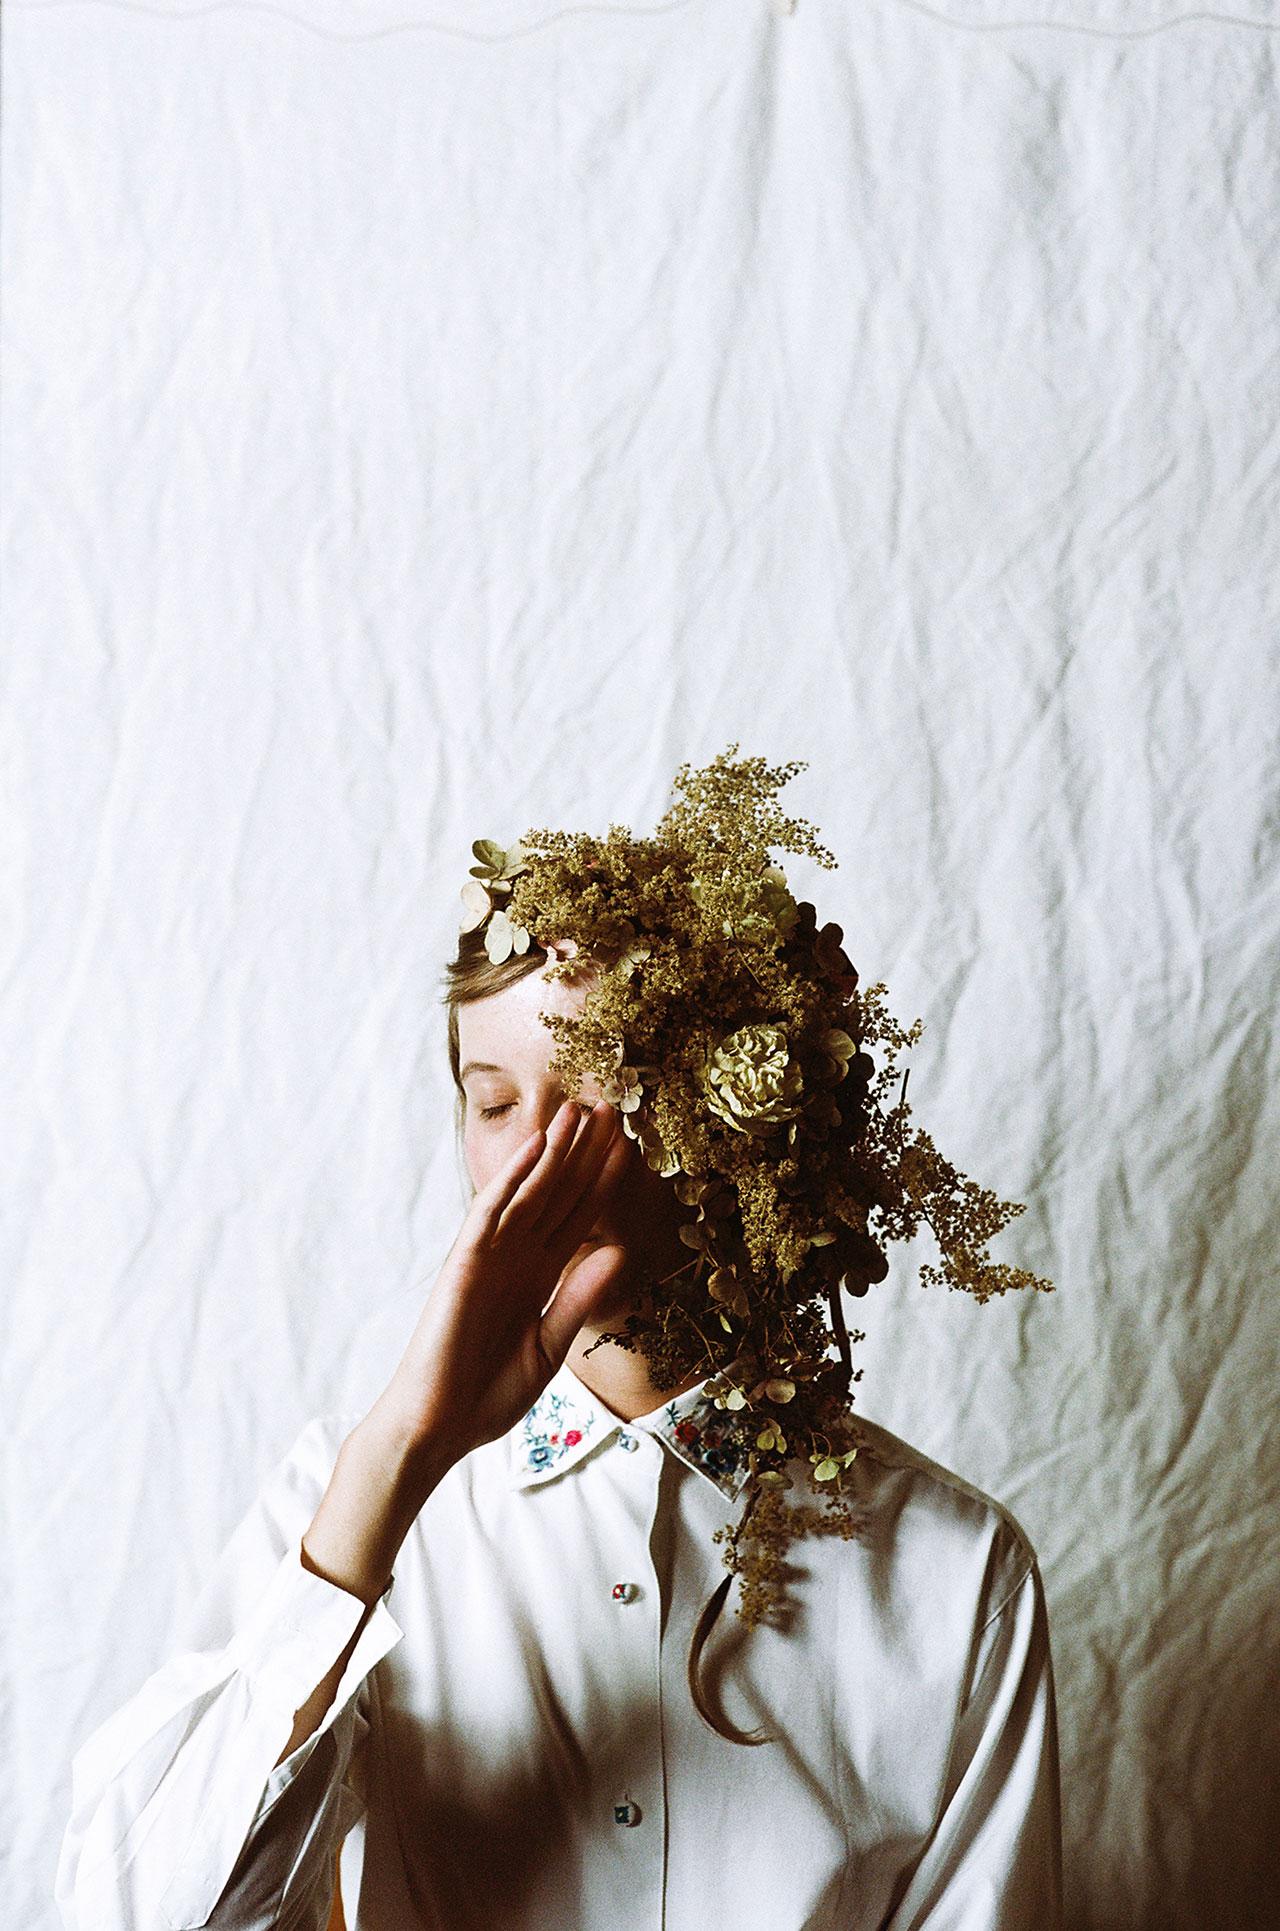 Photo ©Parker Fitzgerald. Floral design byRiley Messina.